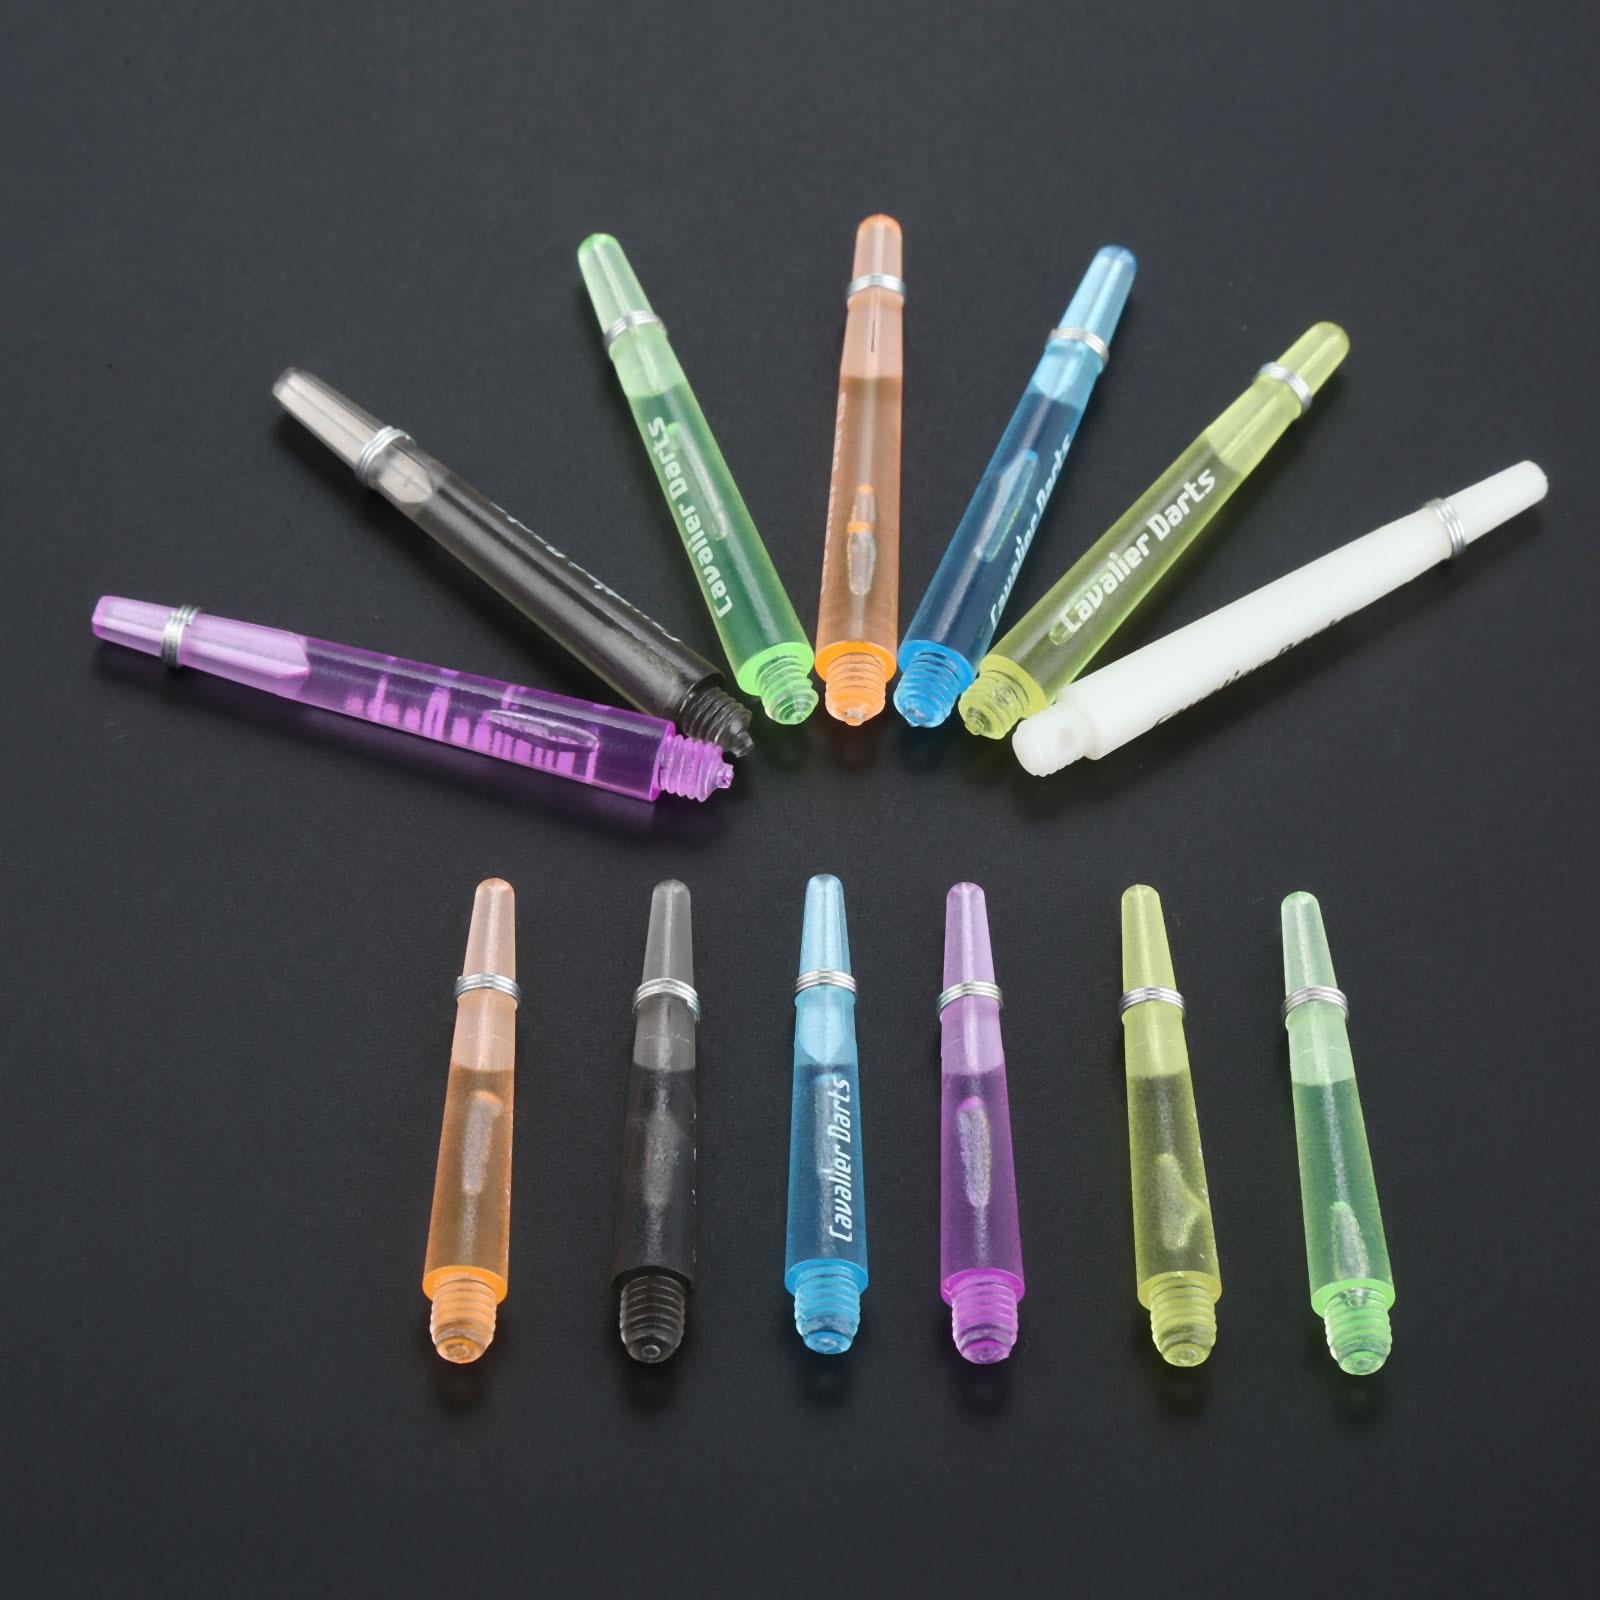 12 pièces 45mm/35mm axes de fléchettes en plastique 4.5mm filetage tiges de fléchettes transparentes avec anneau torique en acier inoxydable pour acier et fléchettes souples